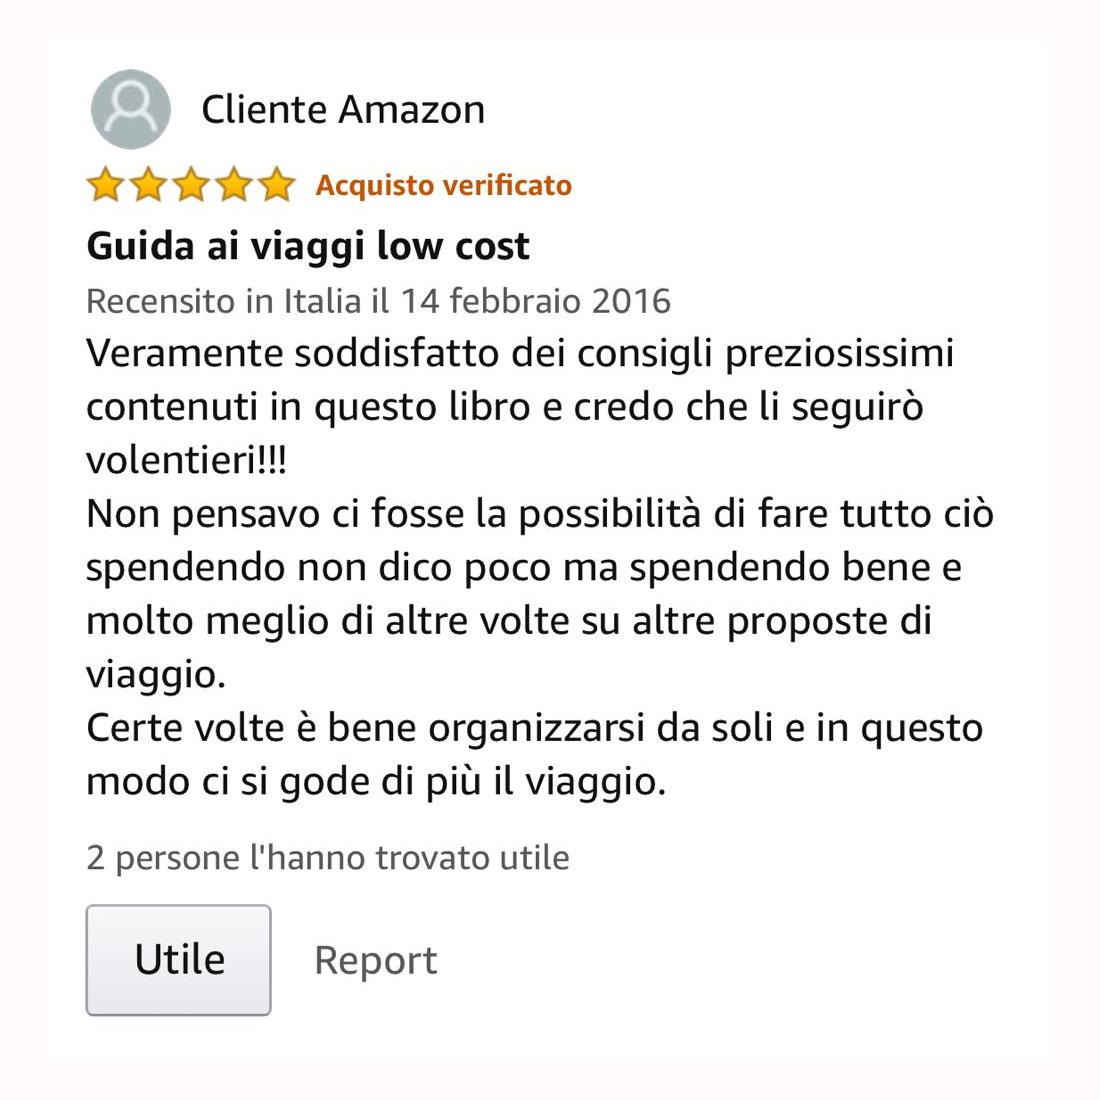 recensione 4 amazon guida viaggi low cost liliana monticone